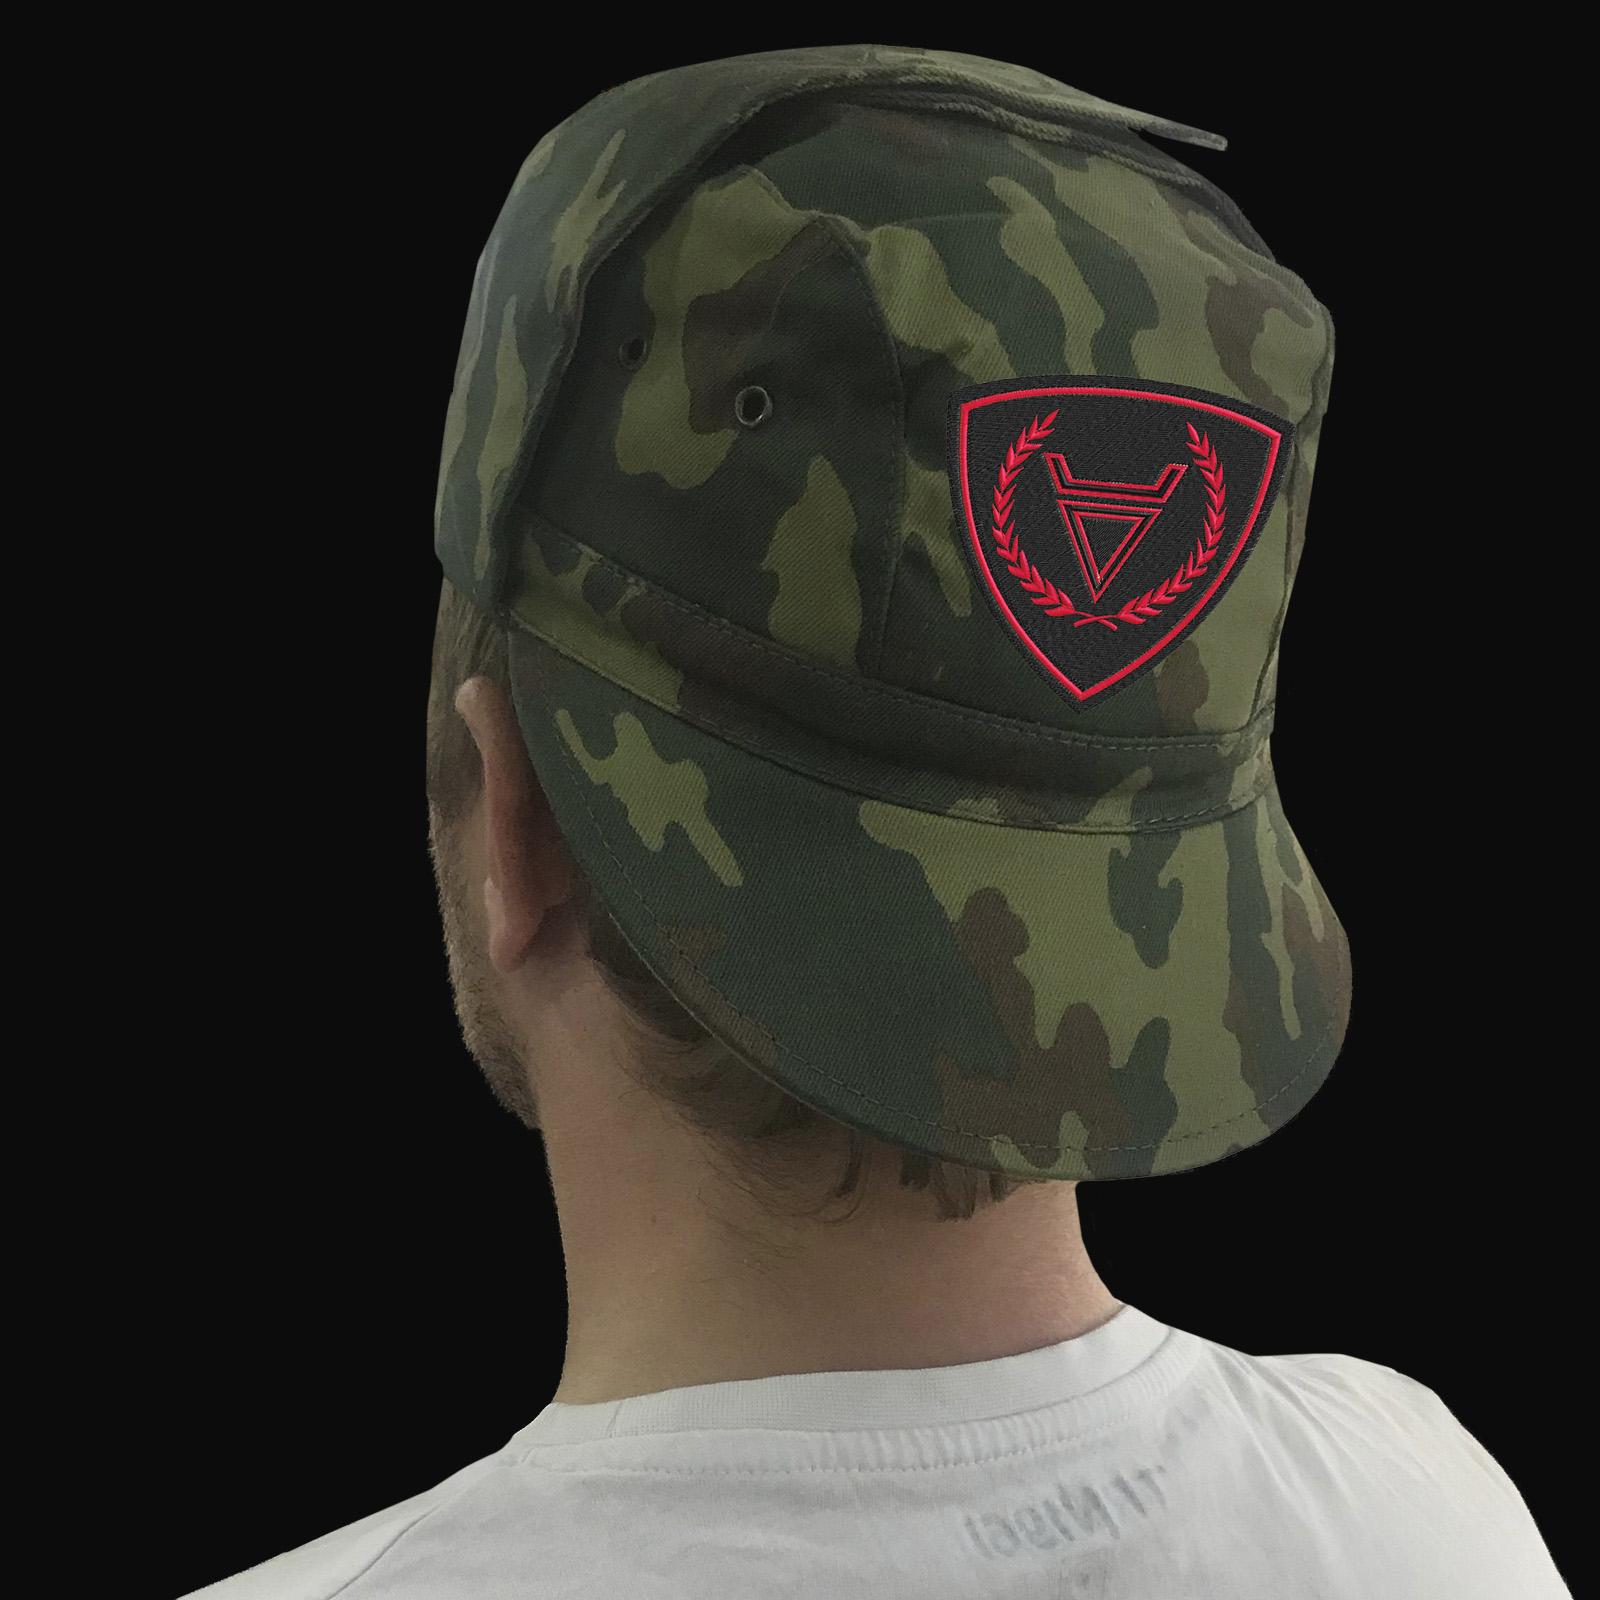 Купить в интернет магазине камуфляжную кепку с вышитой символикой Велеса